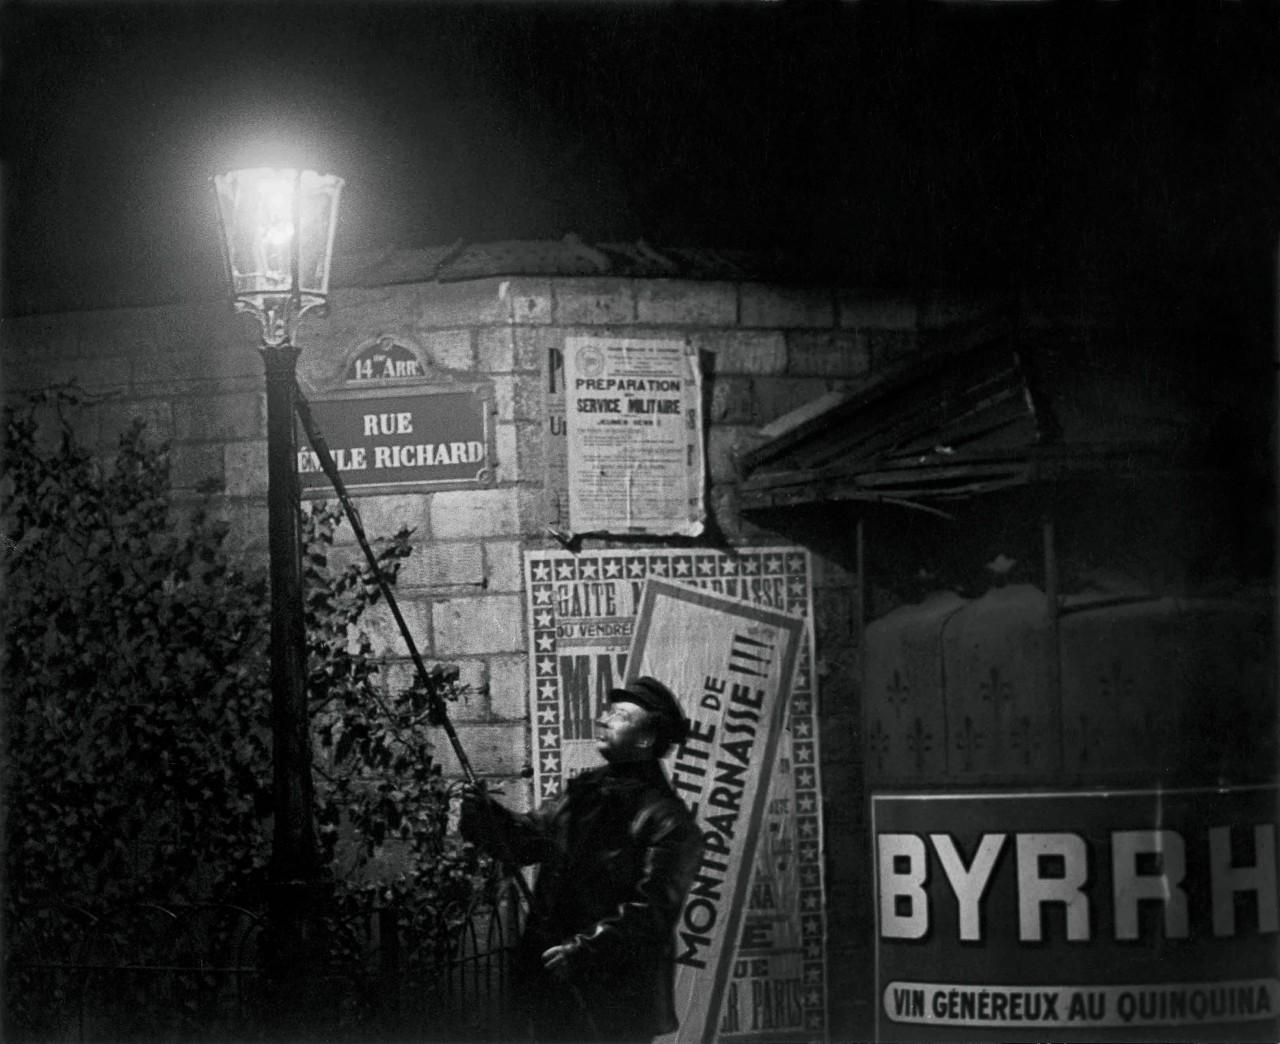 Тушение уличного фонаря на улице Эмиль Ришар, около 1932. Фотограф Брассаи